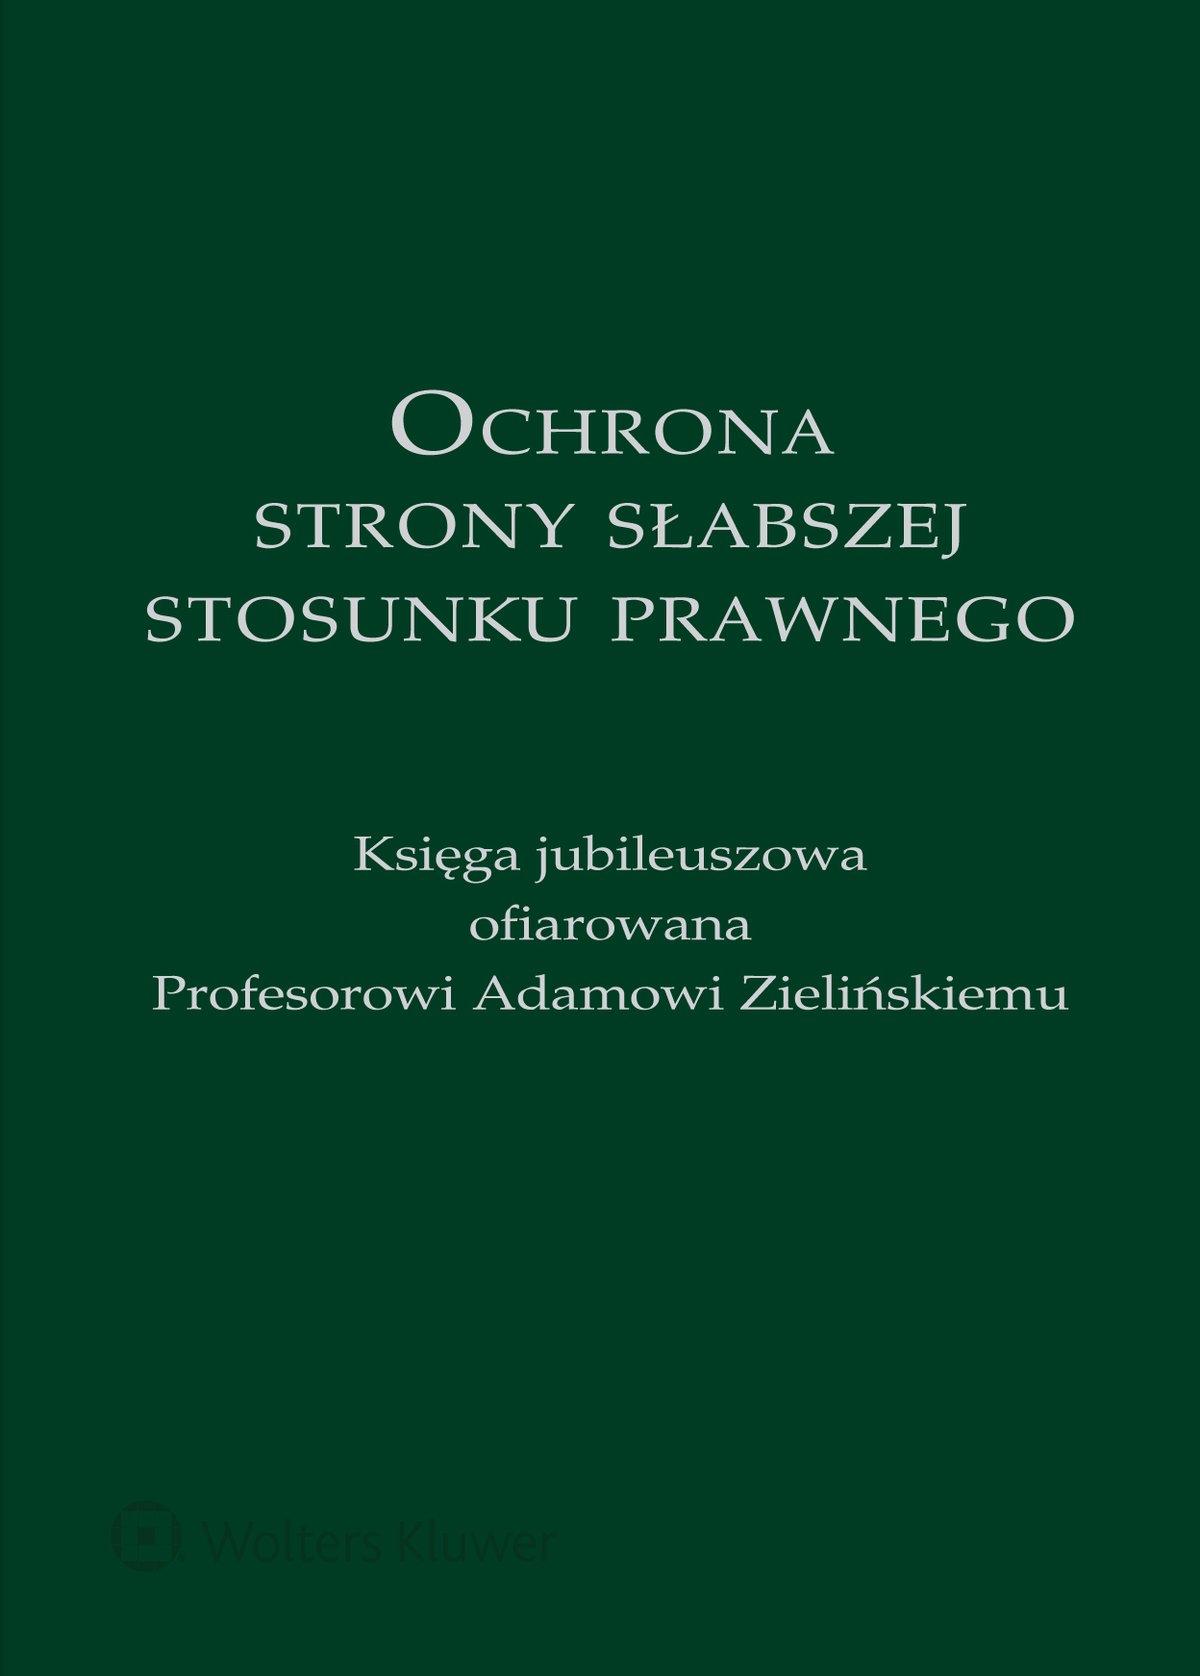 Ochrona strony słabszej stosunku prawnego. Księga jubileuszowa ofiarowana Profesorowi Adamowi Zielińskiemu - Ebook (Książka EPUB) do pobrania w formacie EPUB